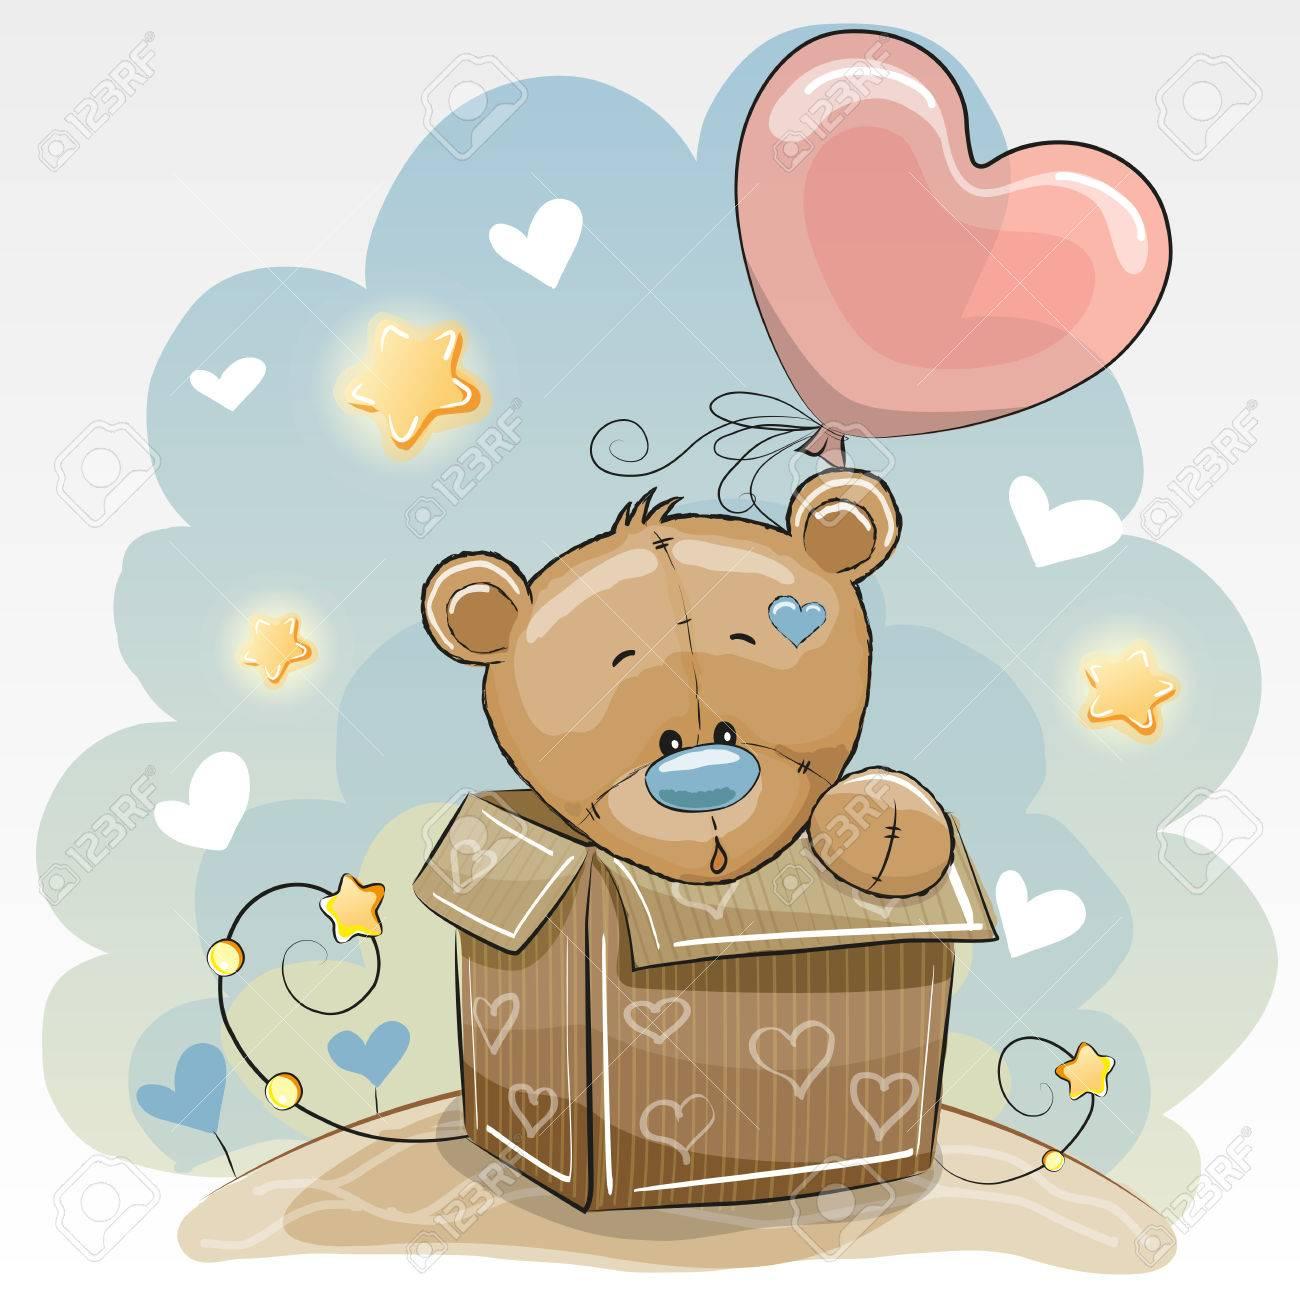 Birthday Card With A Cute Teddy Bear And Balloon Stock Vector